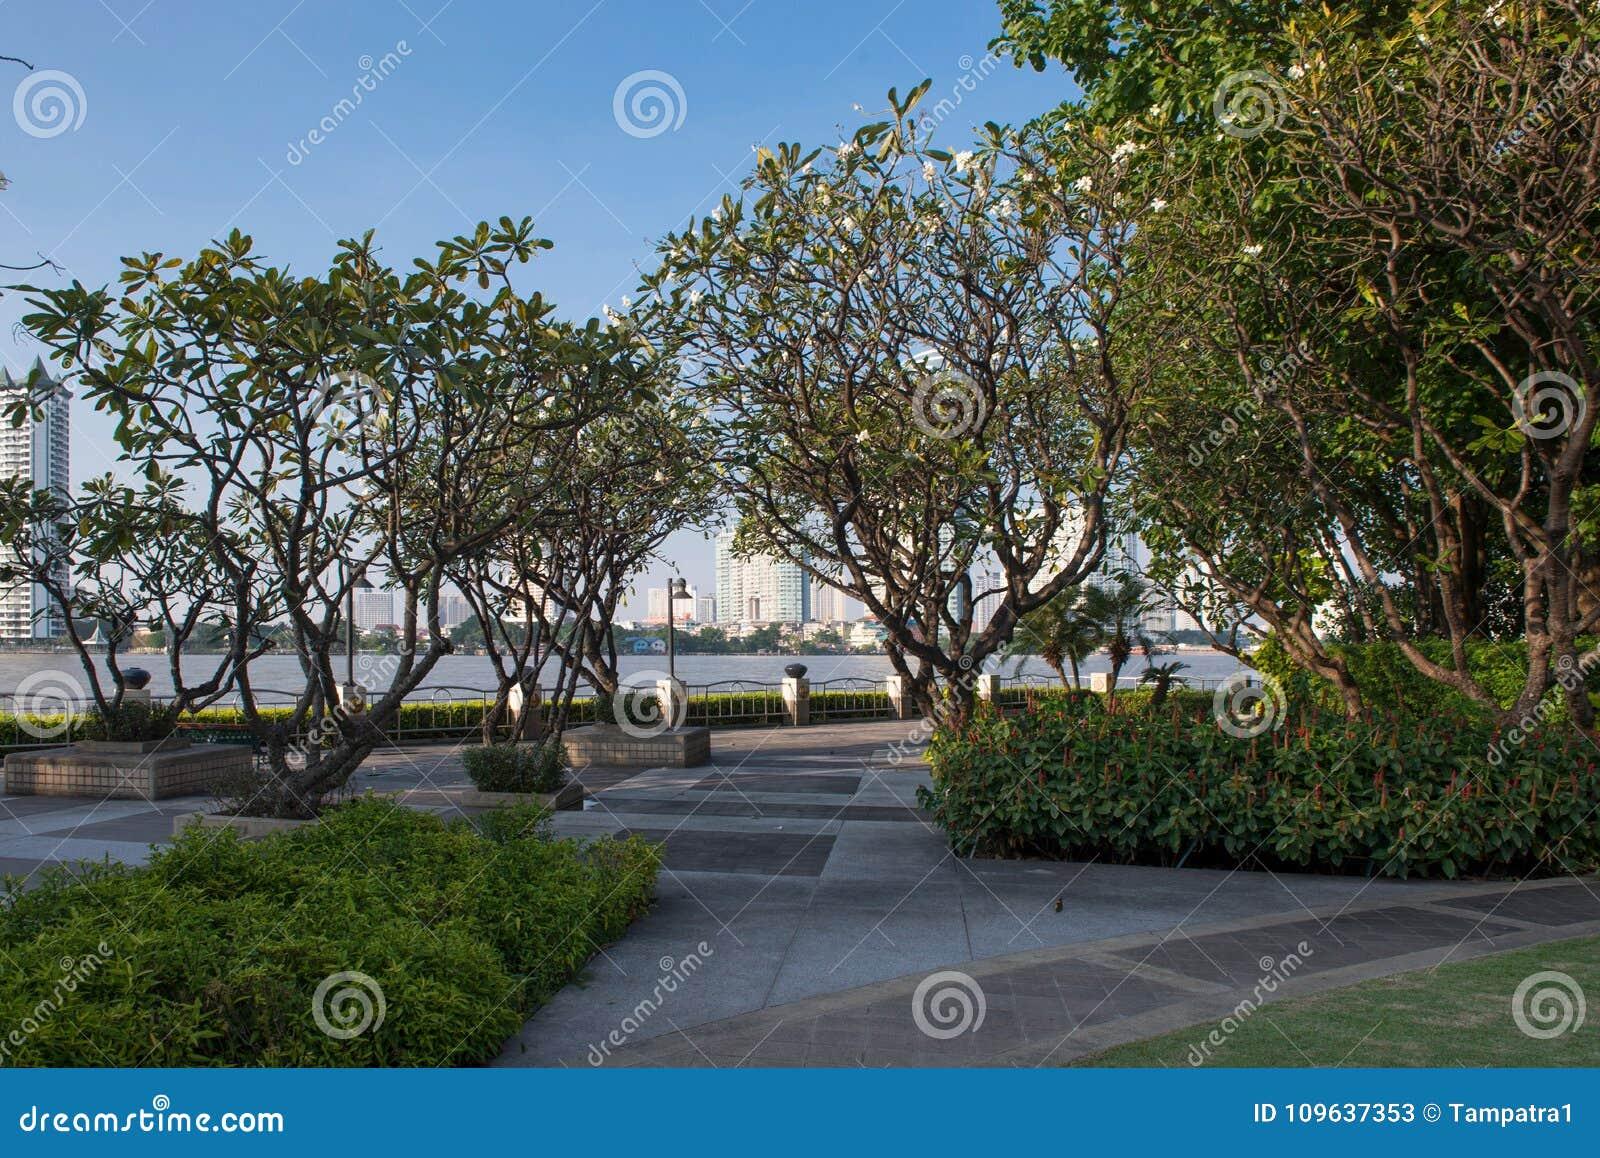 Общественный парк с сочными деревьями и голубым небом